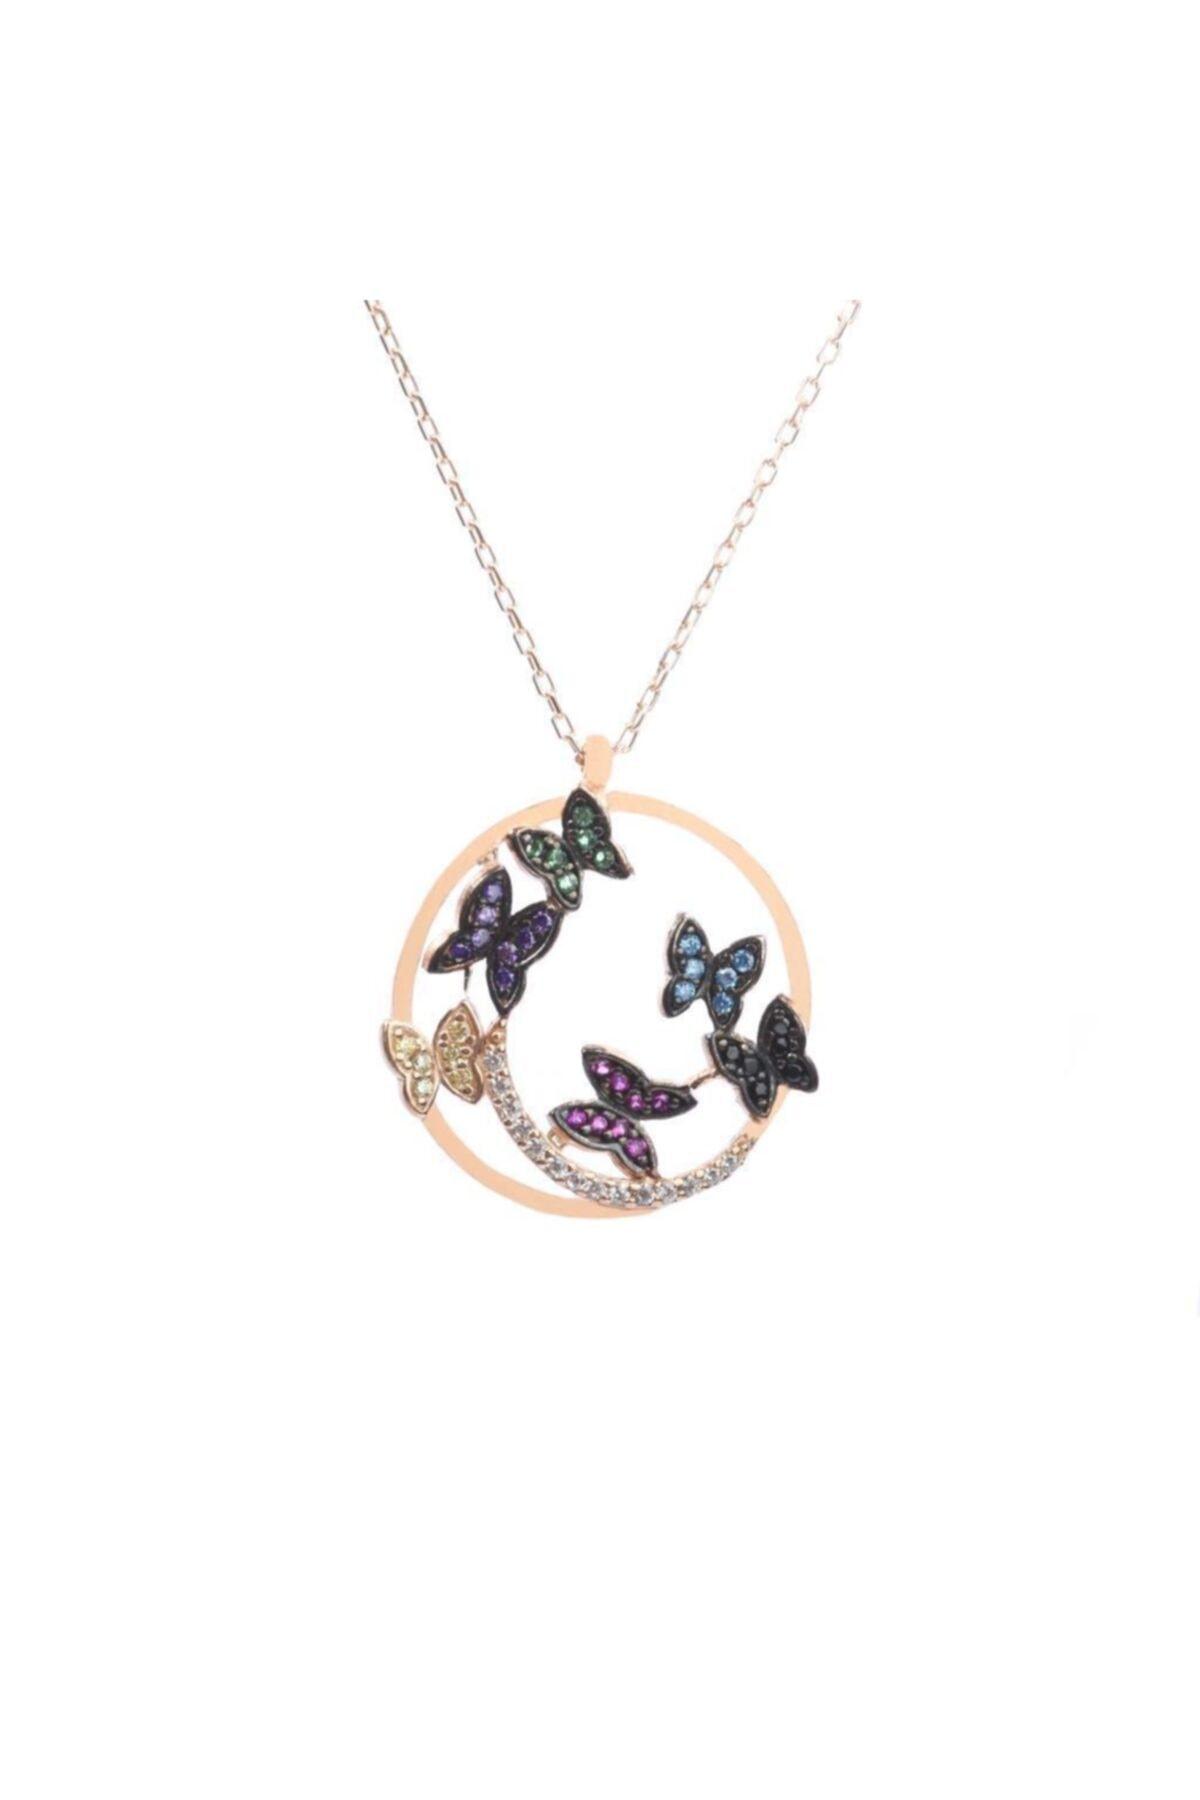 Som Gümüş & Tesbih 925 Ayar Gümüş Renkli Kelebekler Tasarım Kolye 1